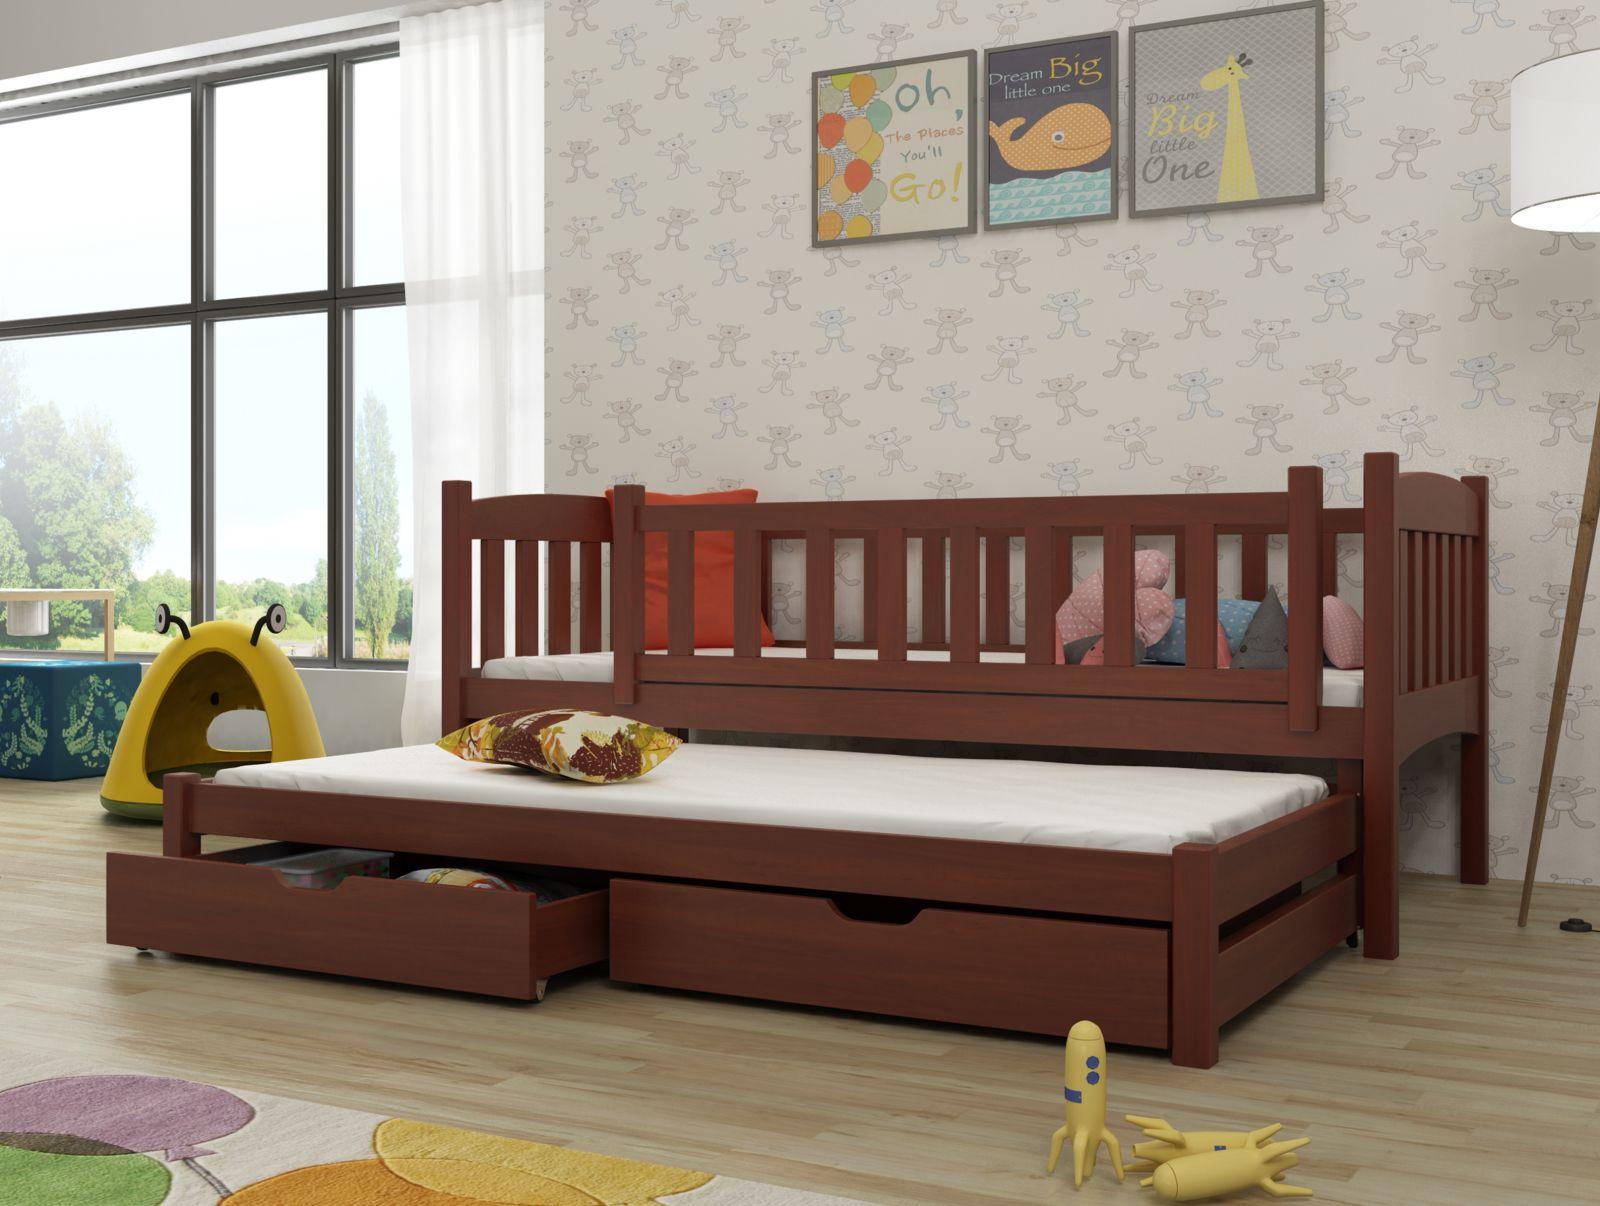 Lano Meble Rozkládací postel Amelka s úložným prostorem